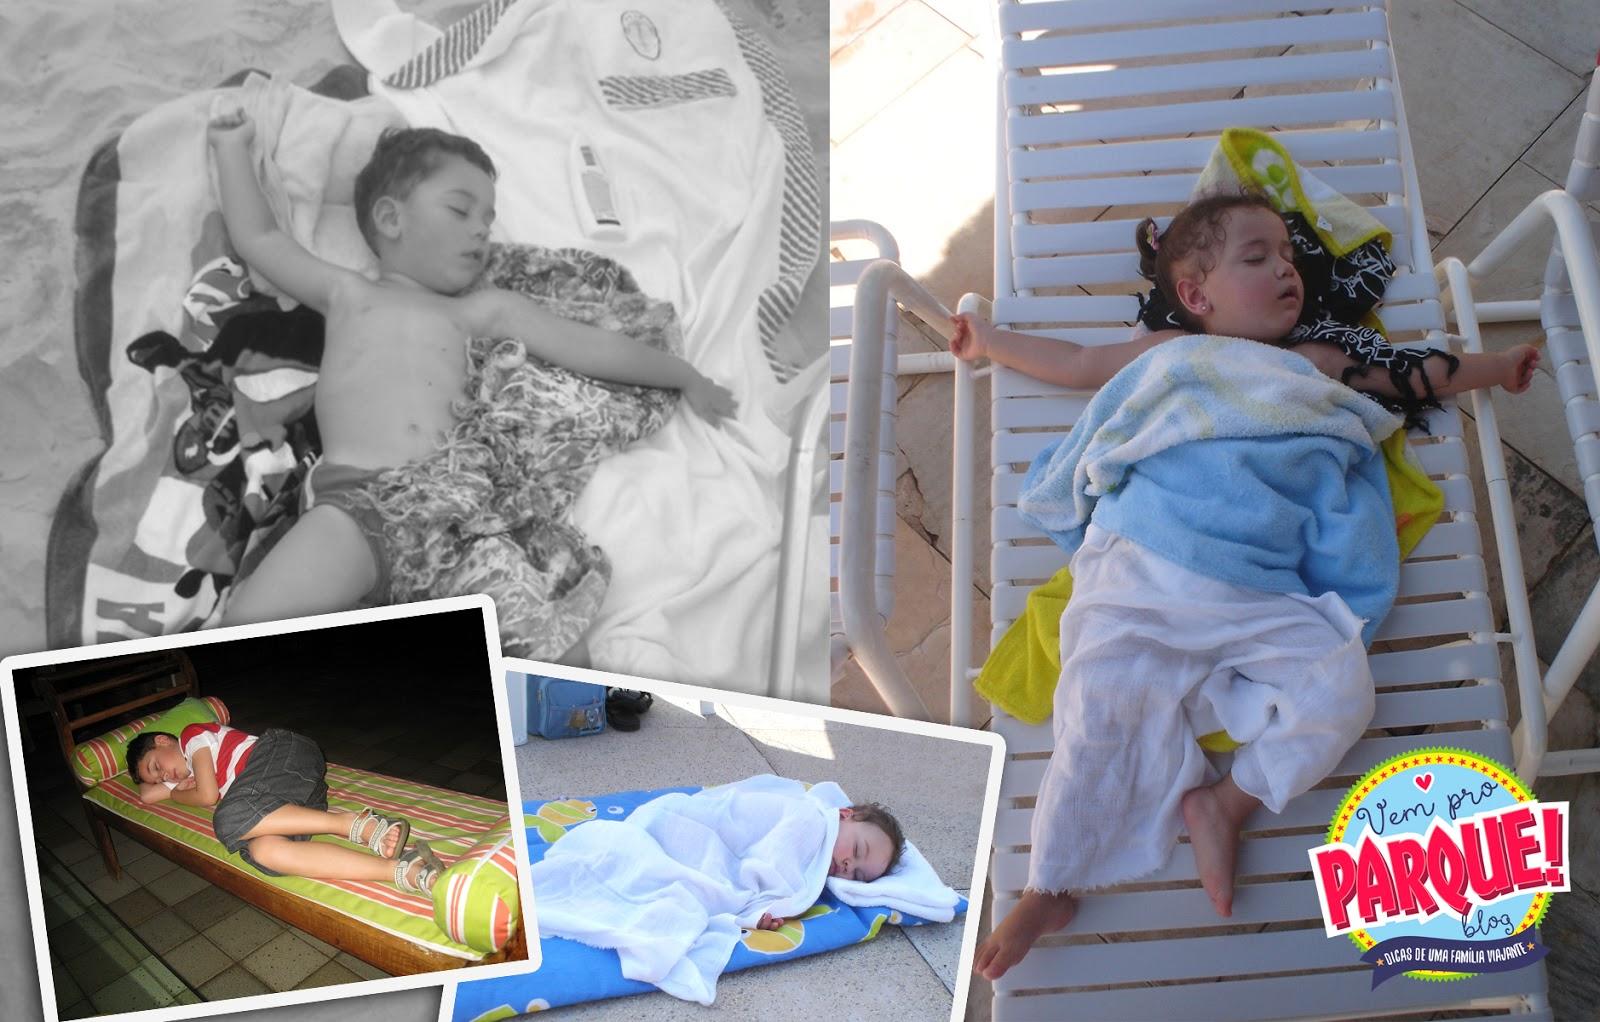 Crianças dormindo na viagem, na praia, no hotel